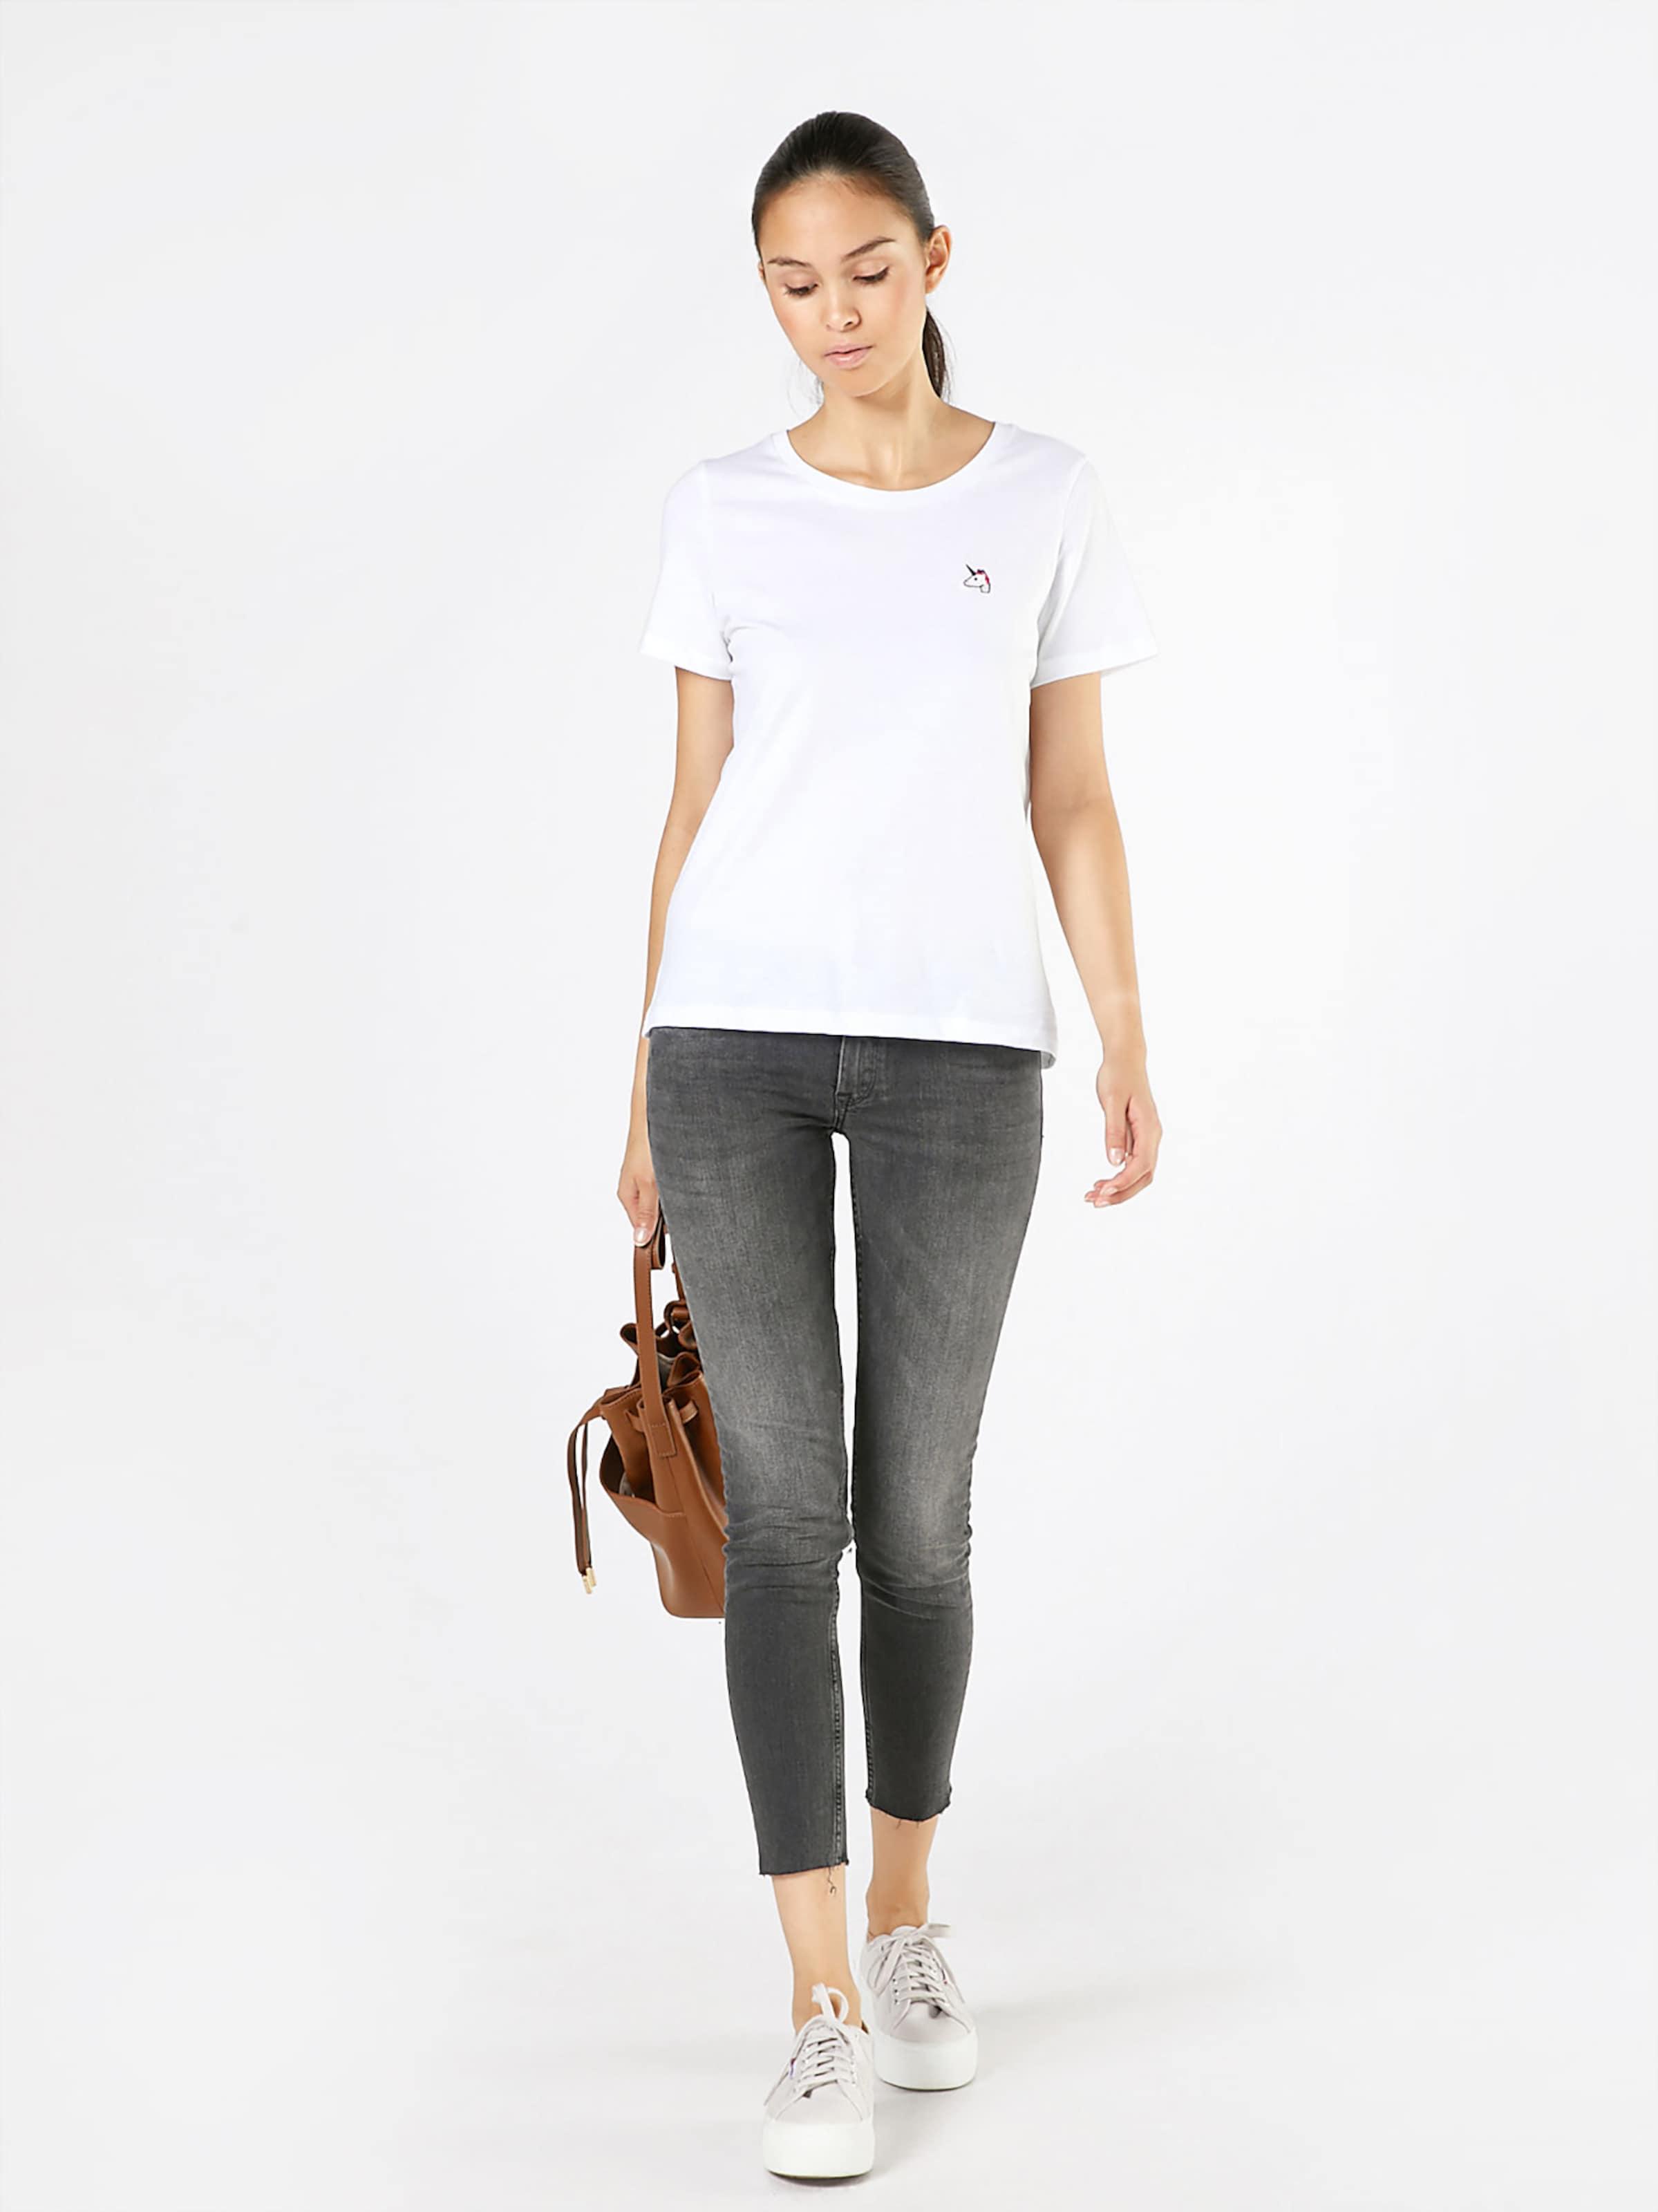 DENIM Jeans Skinny Marc 'Denim Skinny O'Polo DENIM 'Denim Jeans Trousers' Marc O'Polo Marc Trousers' 5dwpx7q4d